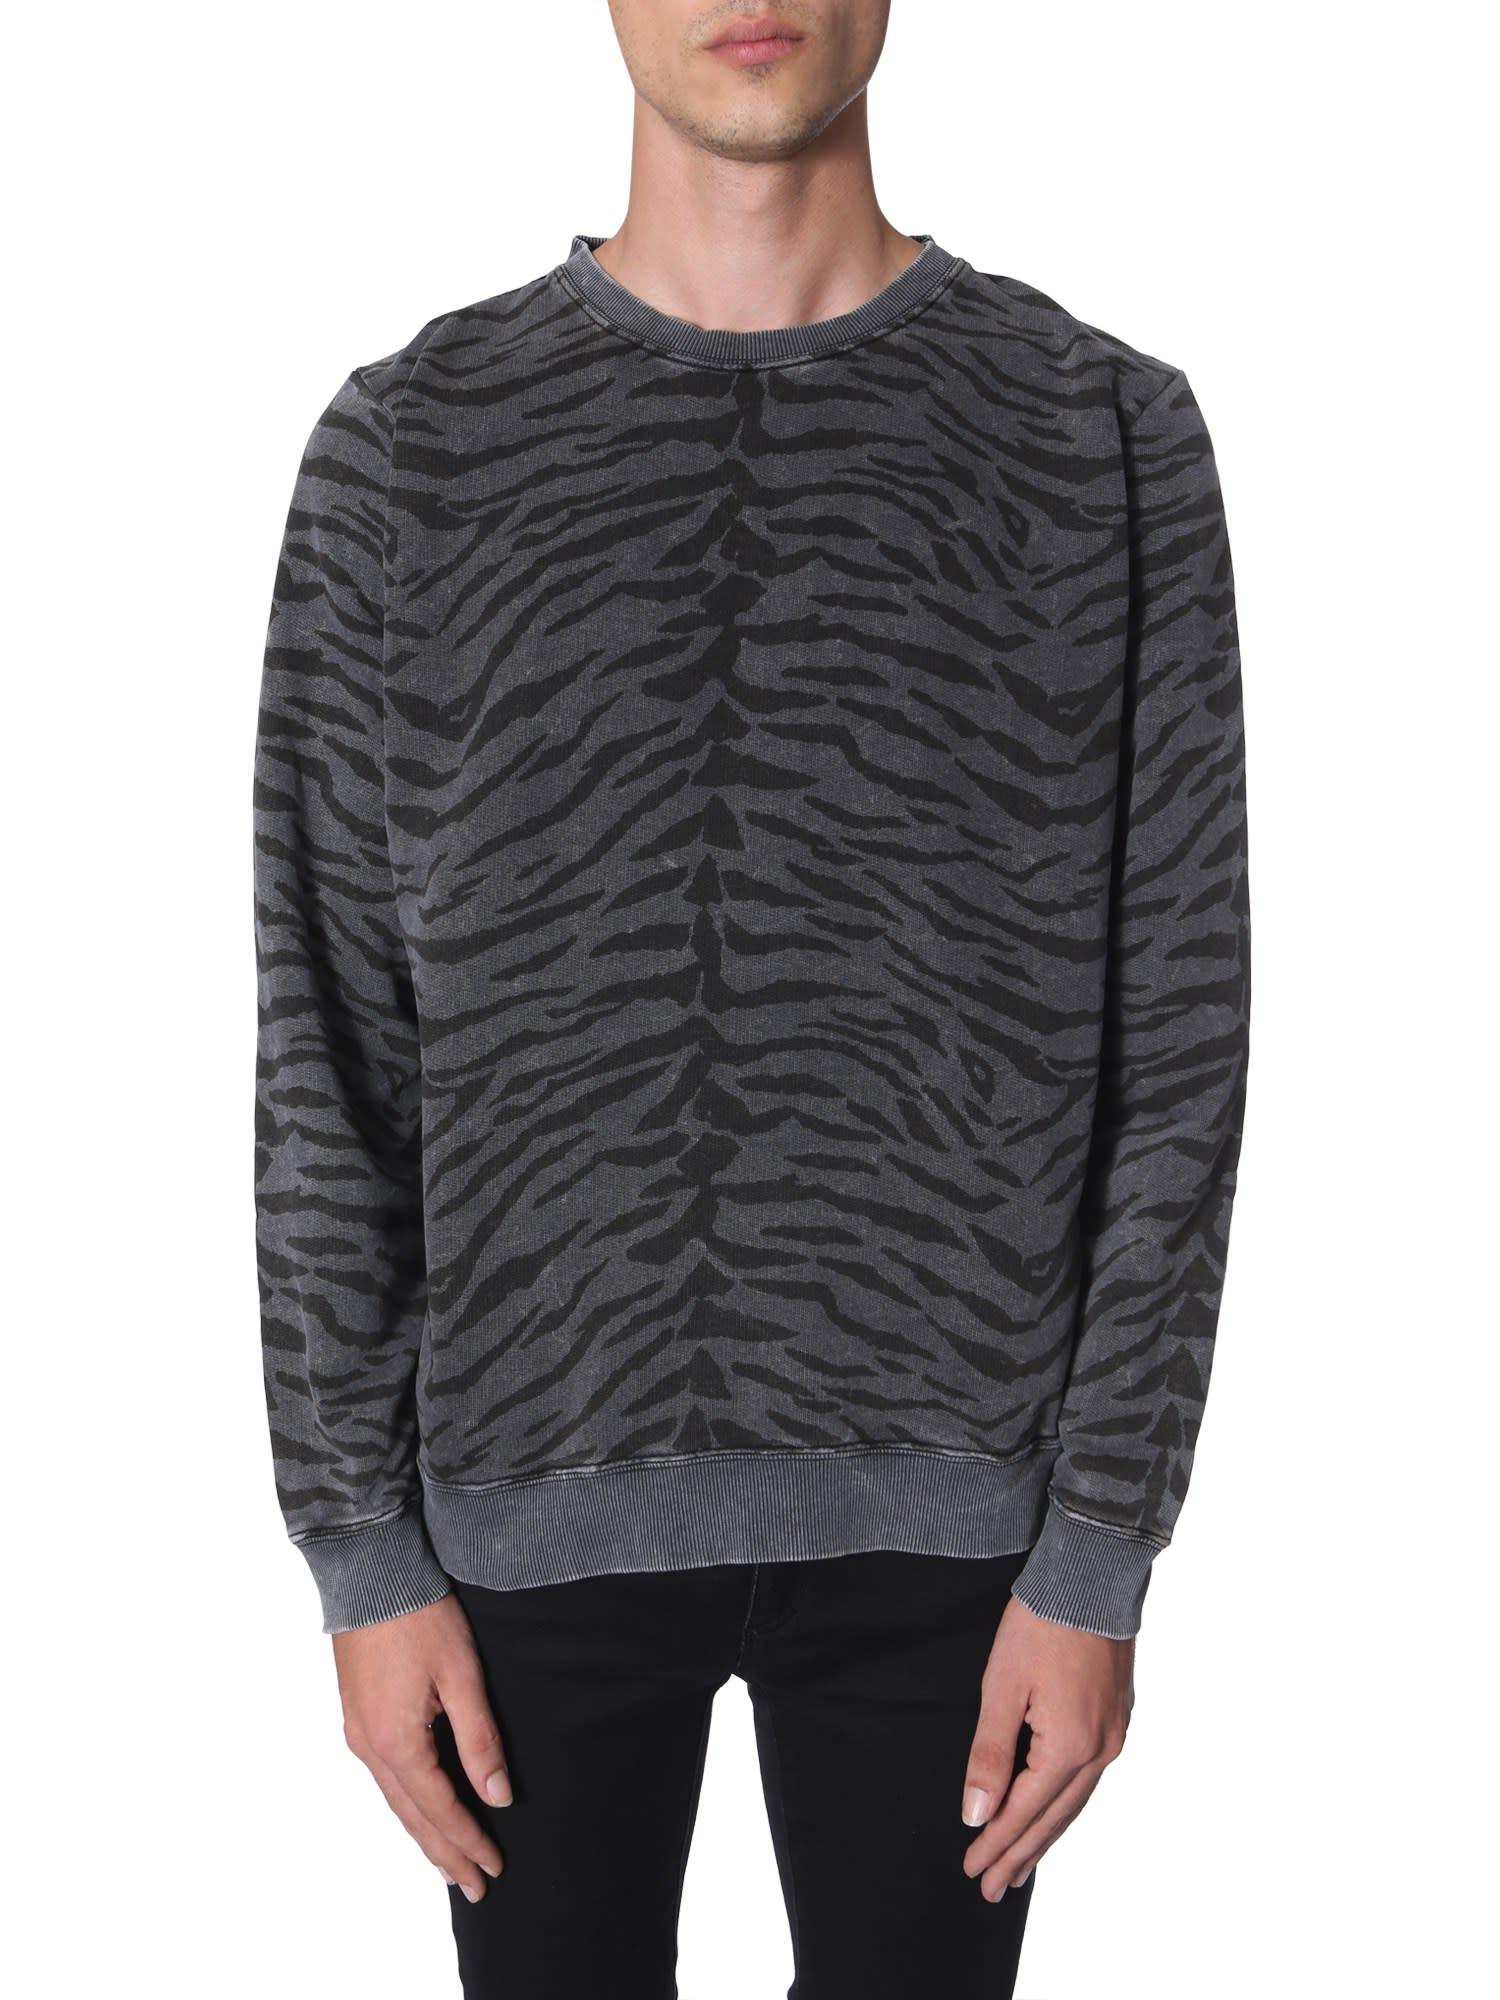 b7f9104bf9 Round Neck Sweatshirt in Grey